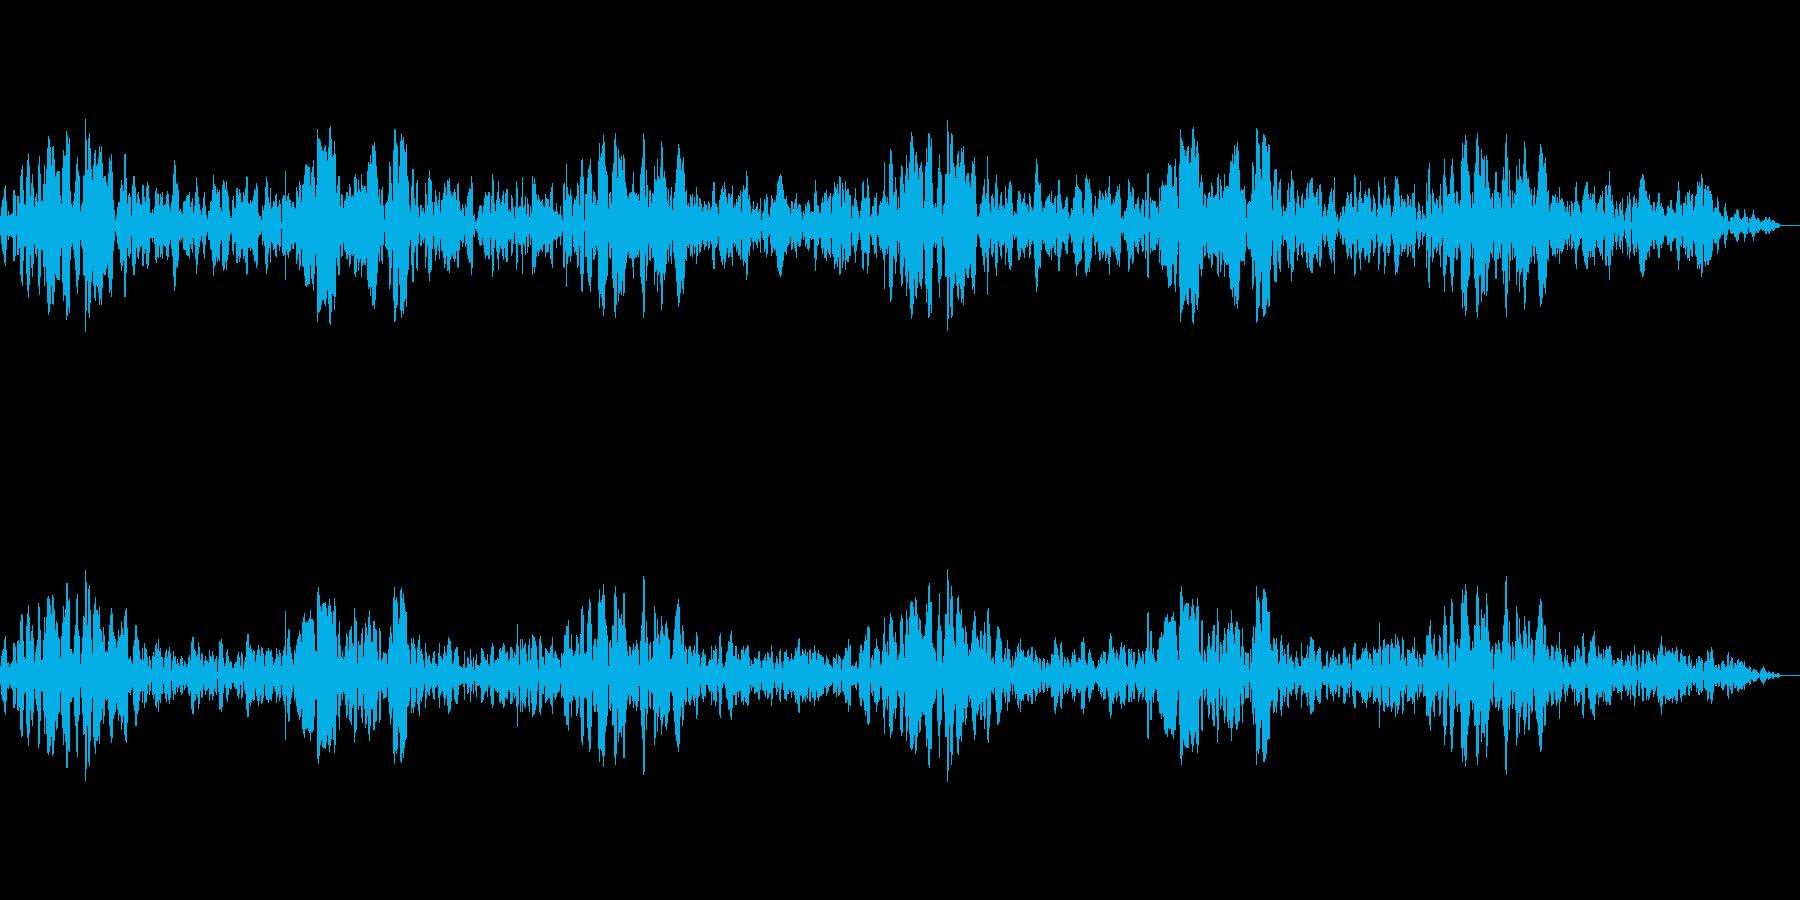 〇〇の鼓動の再生済みの波形